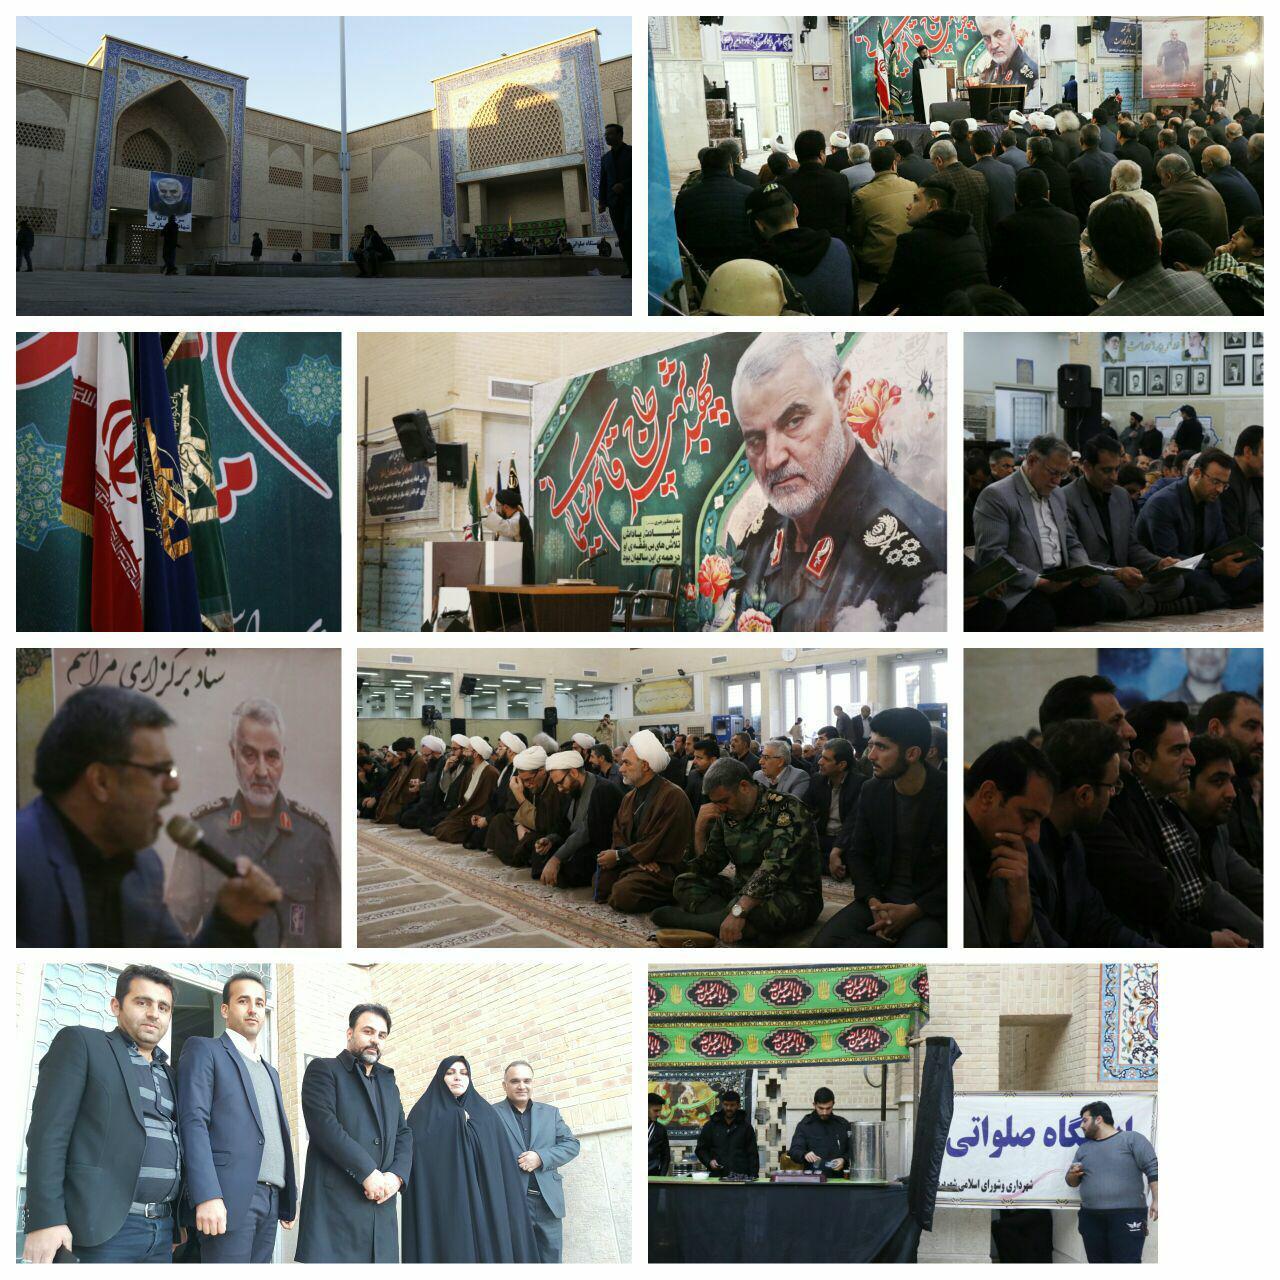 برگزاری مراسم گرامیداشت سردار دلها, شهید حاج قاسم سلیمانی در مسجد جامع امام علی (ع) شهر پرند